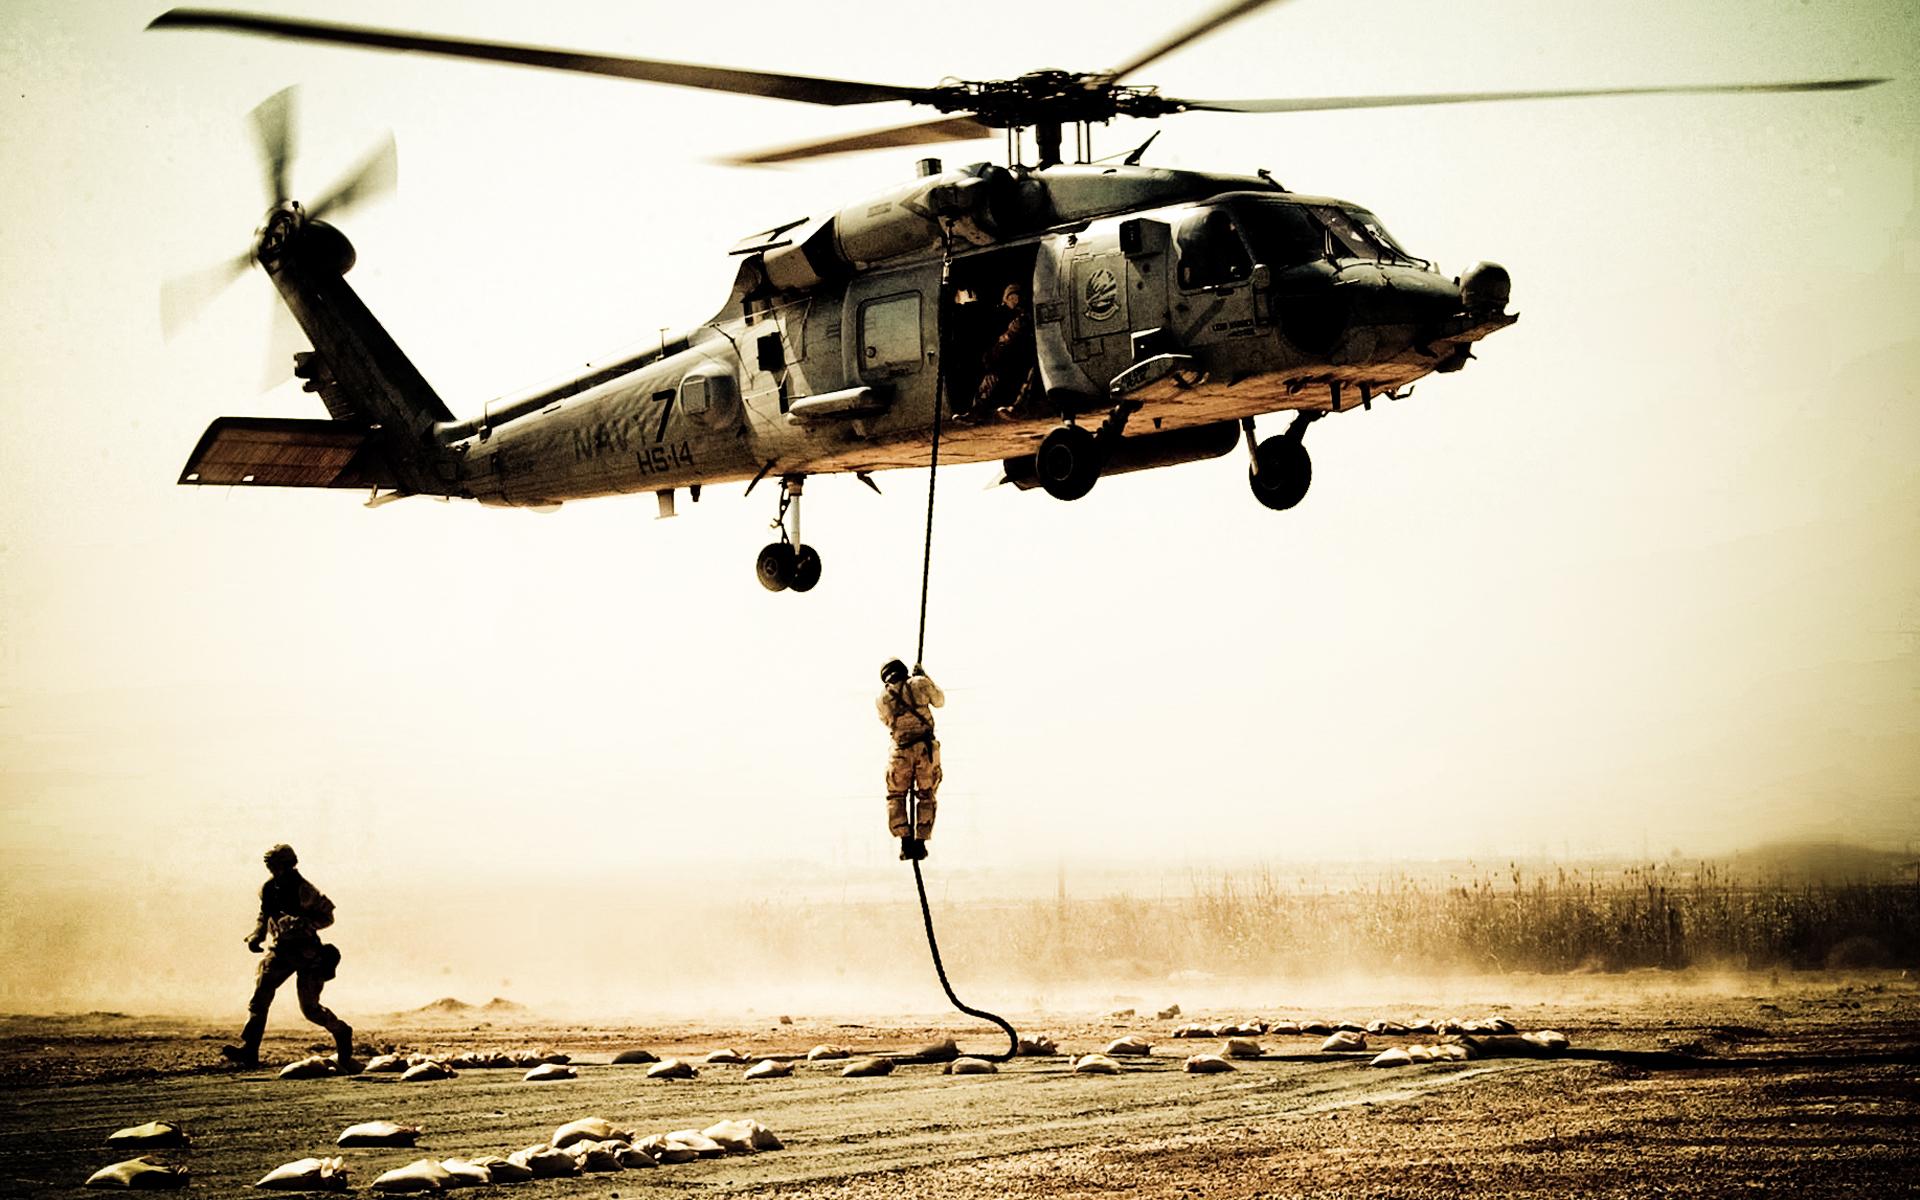 Soldados y helicóptero - 1920x1200